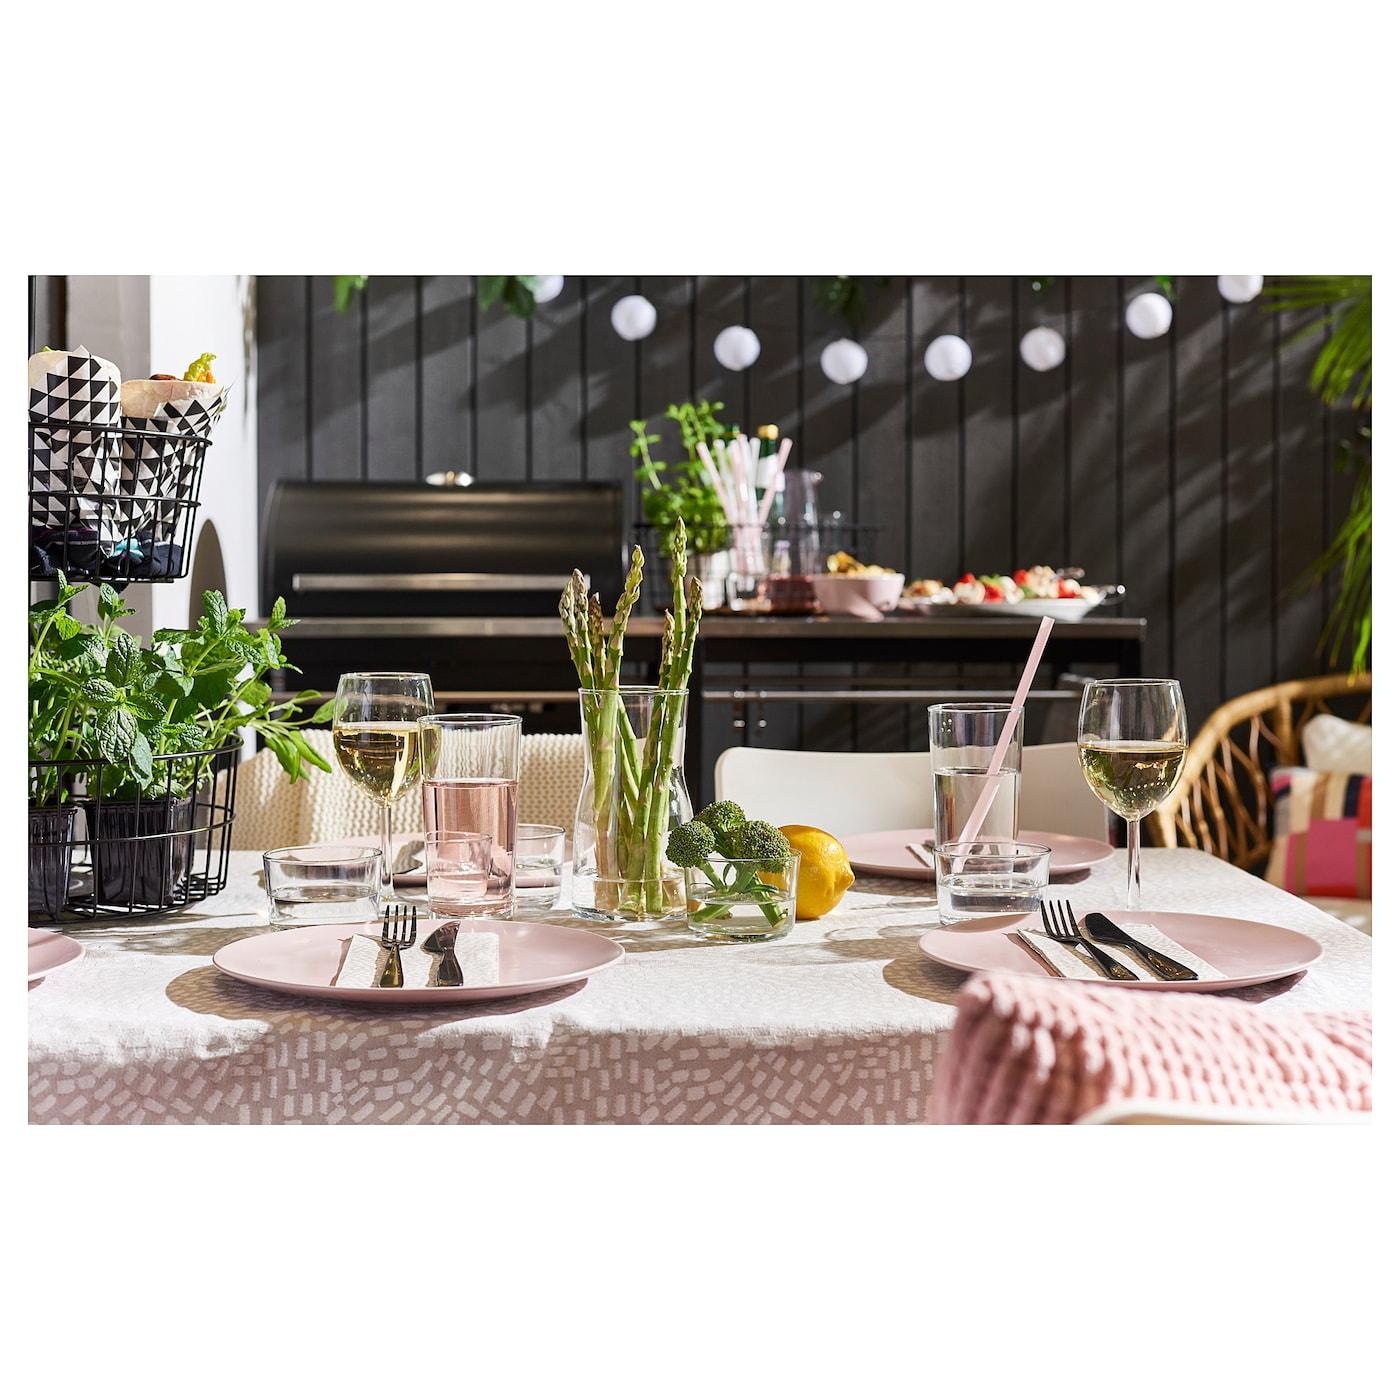 Speiseteller IKEA DINERA Teller in hellrosa; aus Steinzeug; 26cm